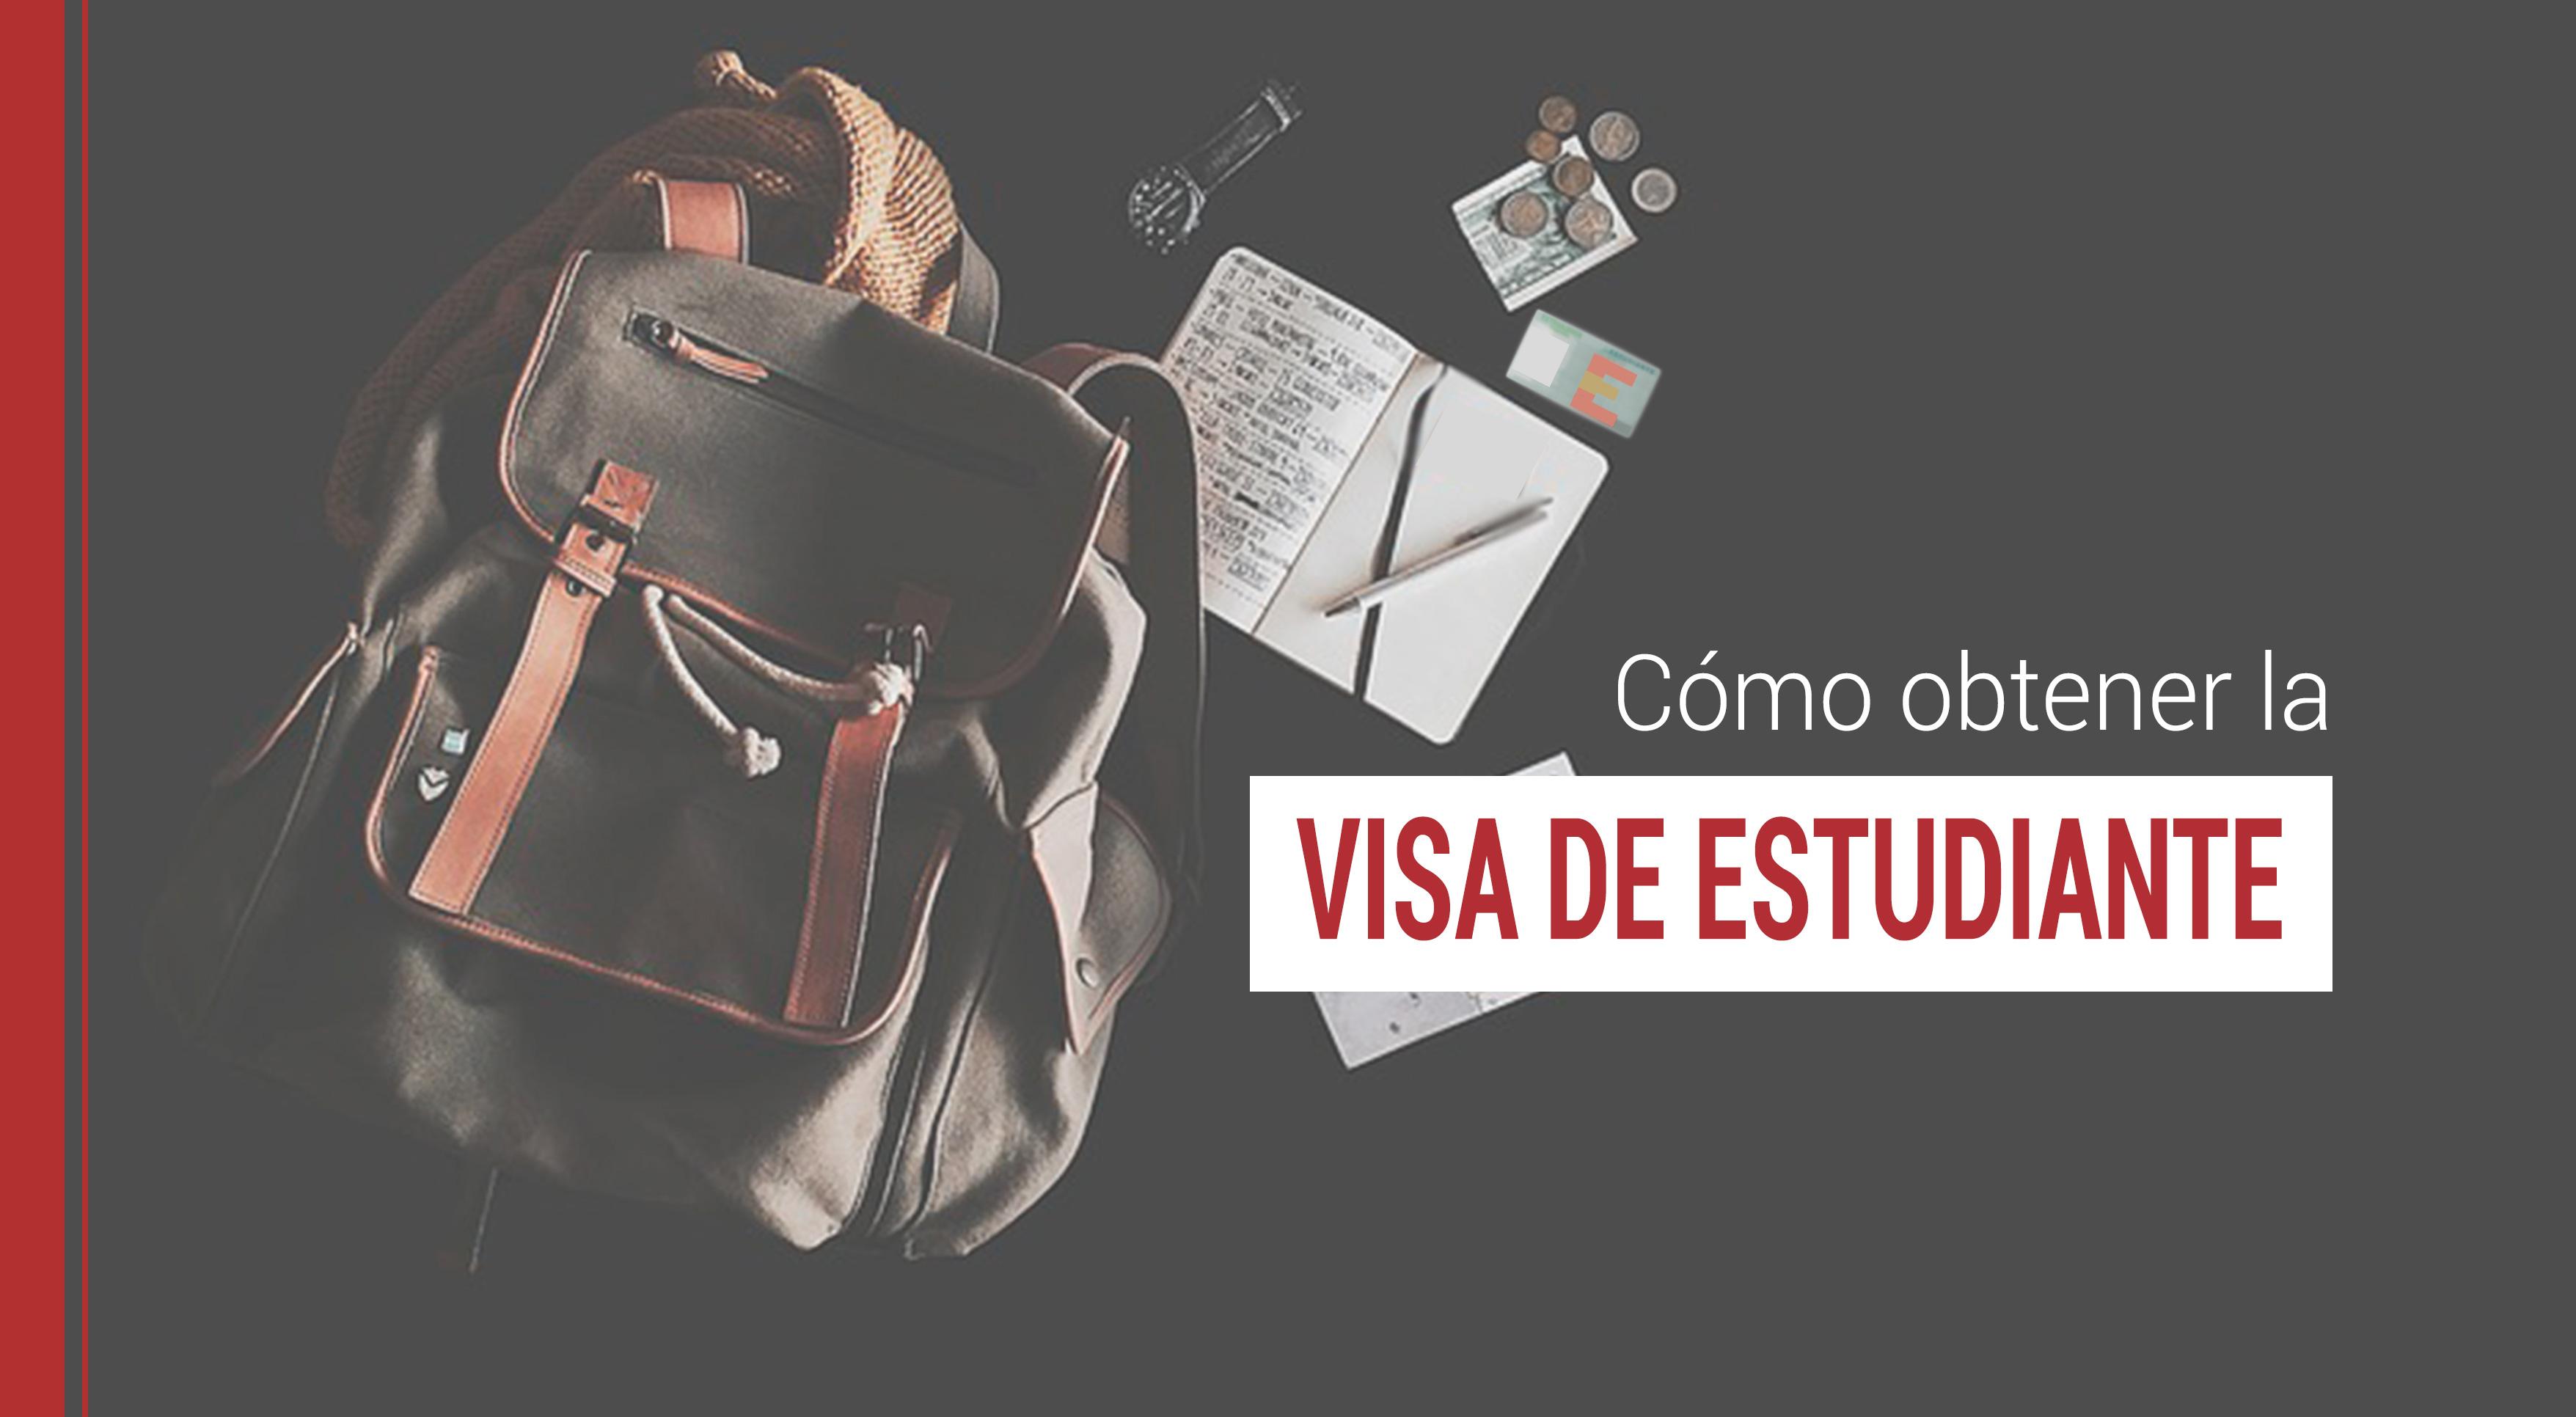 como-obtener-visa-de-estudiante-1 Estudiar en España: Cómo obtener la visa de estudiante